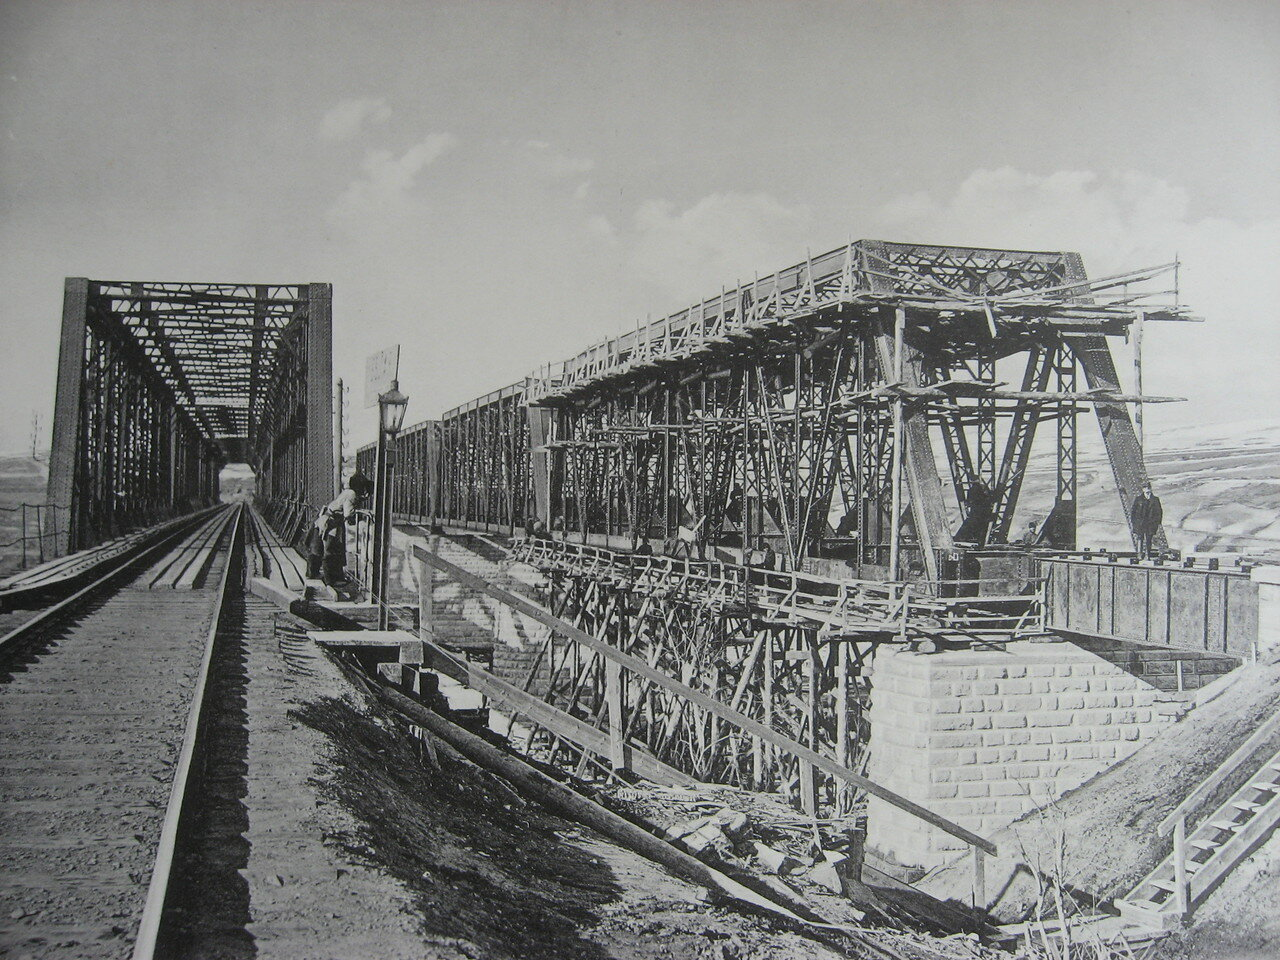 85. 2985 верста. Сборка фермы Ачинского пролёта моста под второй путь через р. Белую. Строительный период 1910-1911